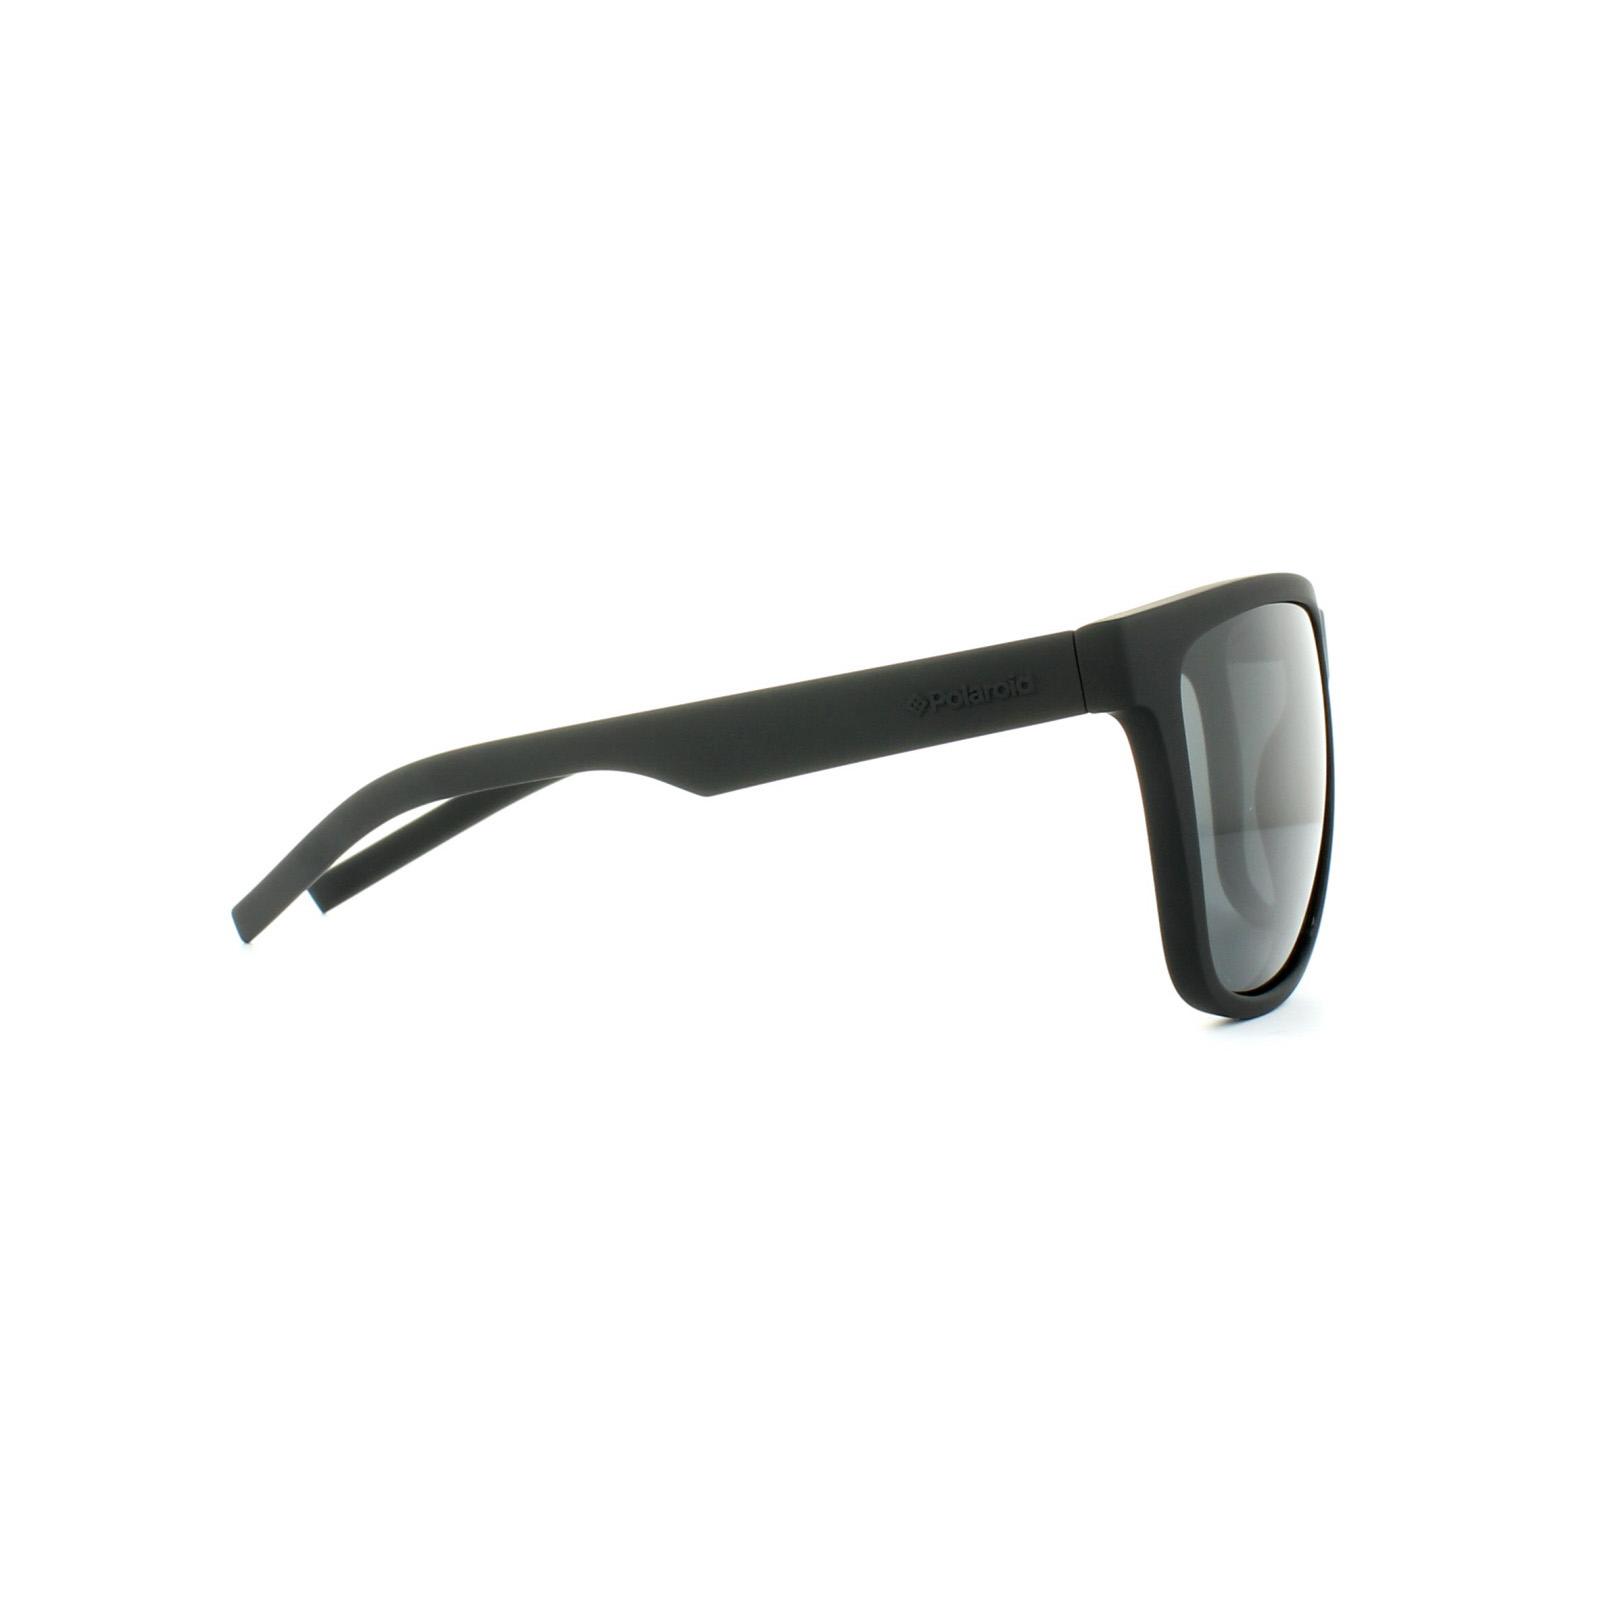 b1e6a3565f Sentinel Polaroid Sport Sunglasses PLD 6014 S YYV Y2 Rubber Black Grey  Polarized